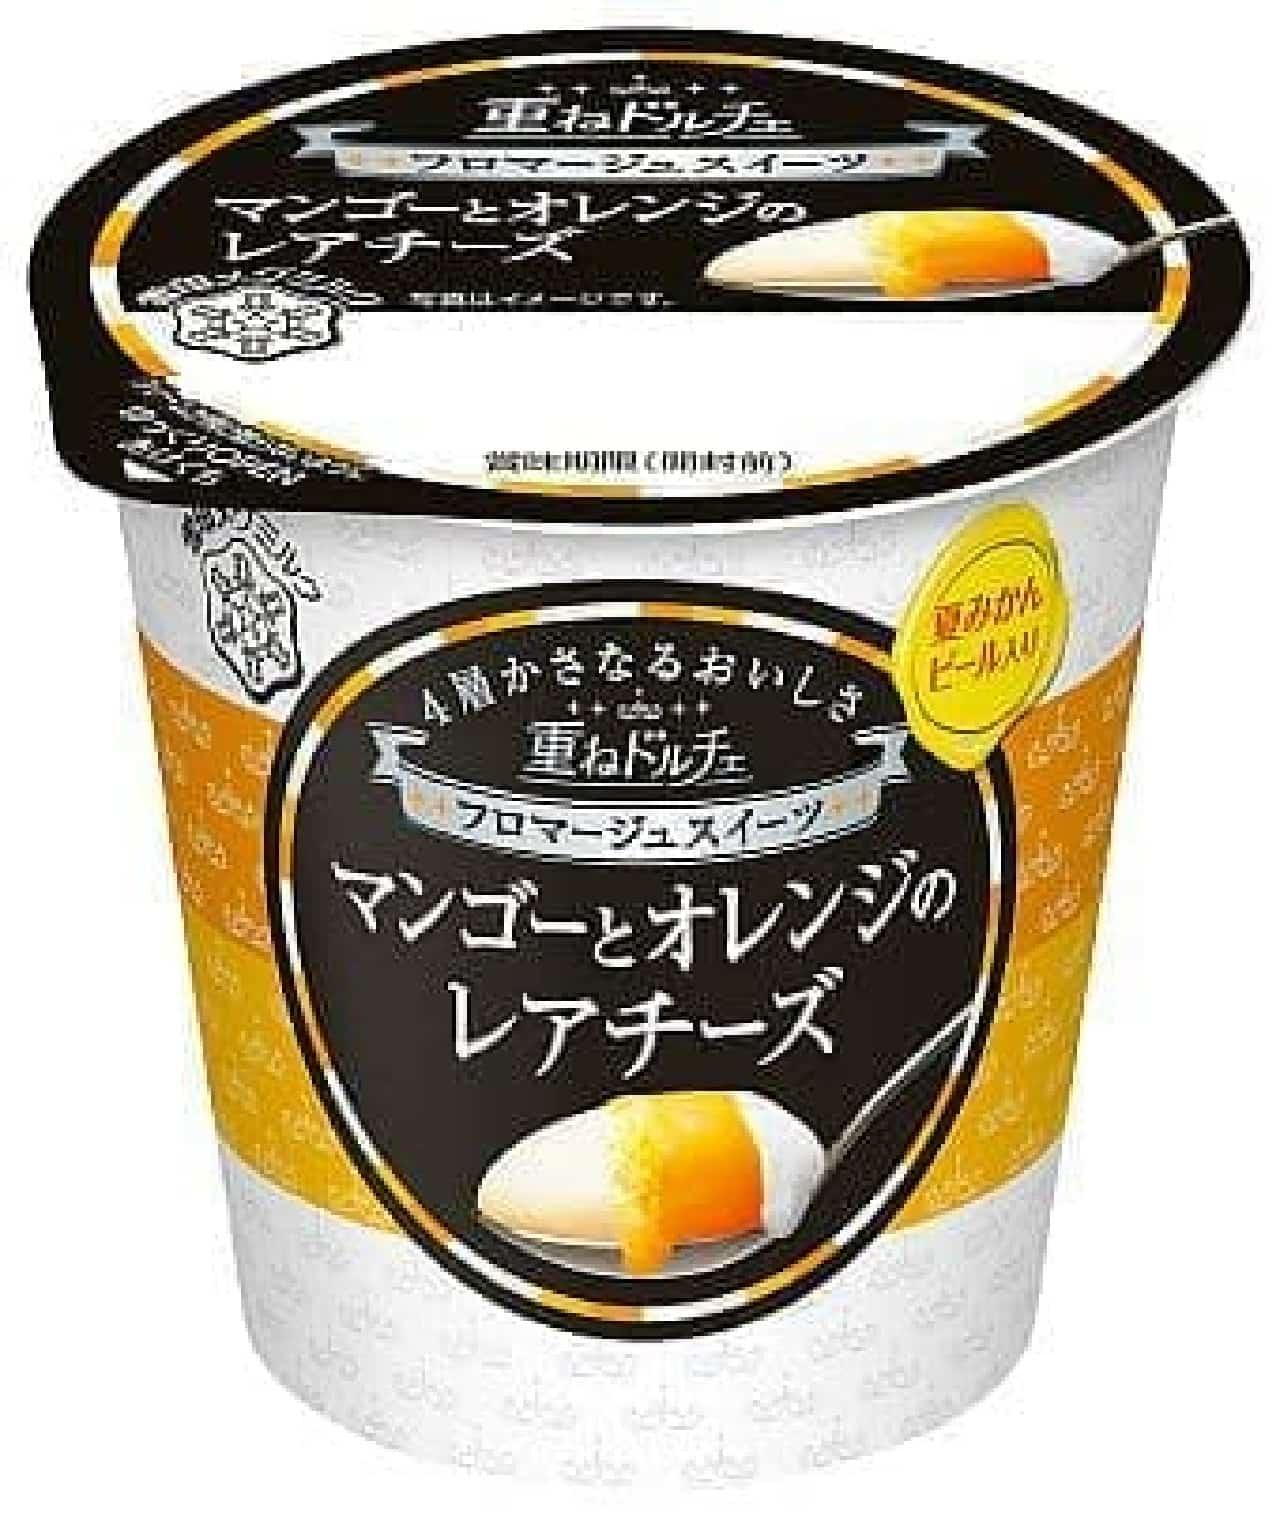 雪印メグミルク「重ねドルチェ マンゴーとオレンジのレアチーズ」